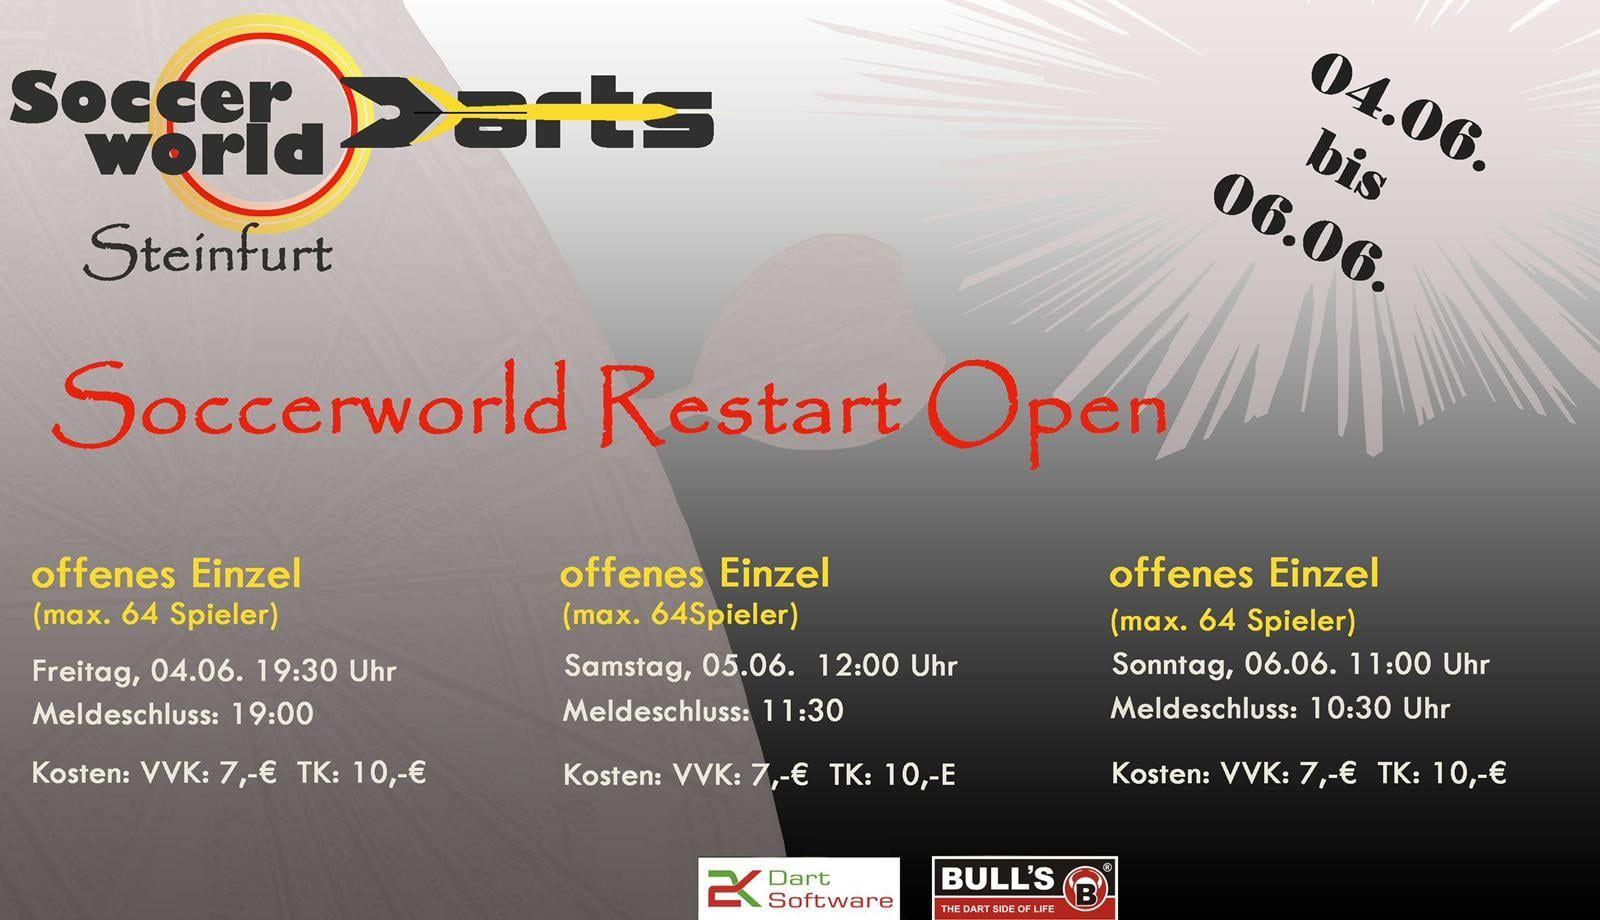 Aktuell | Soccerworld Steinfurt